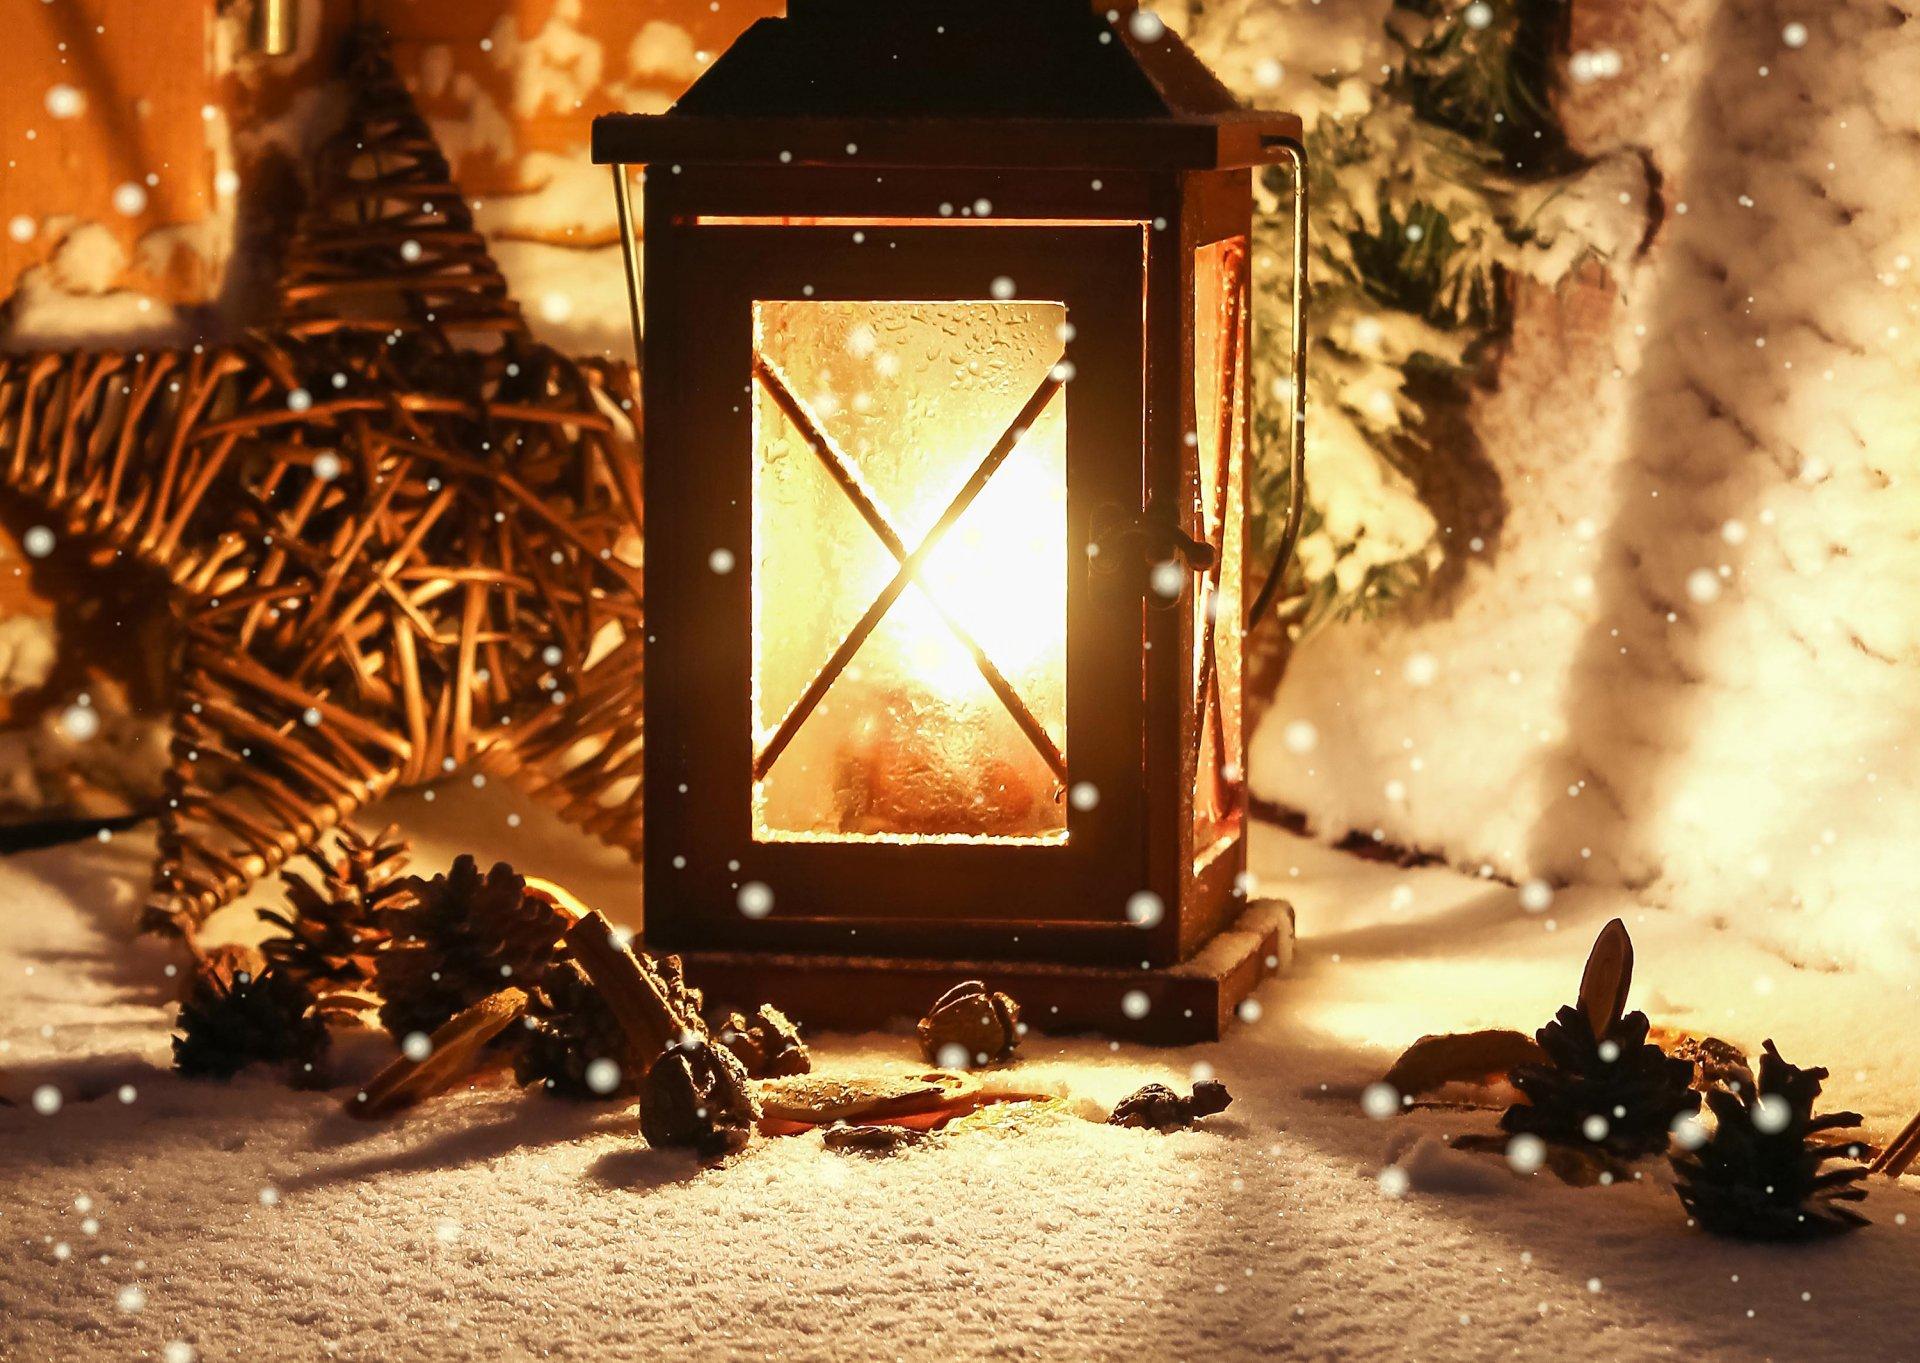 зима рождество картинки на телефон нее был полуторалитровый